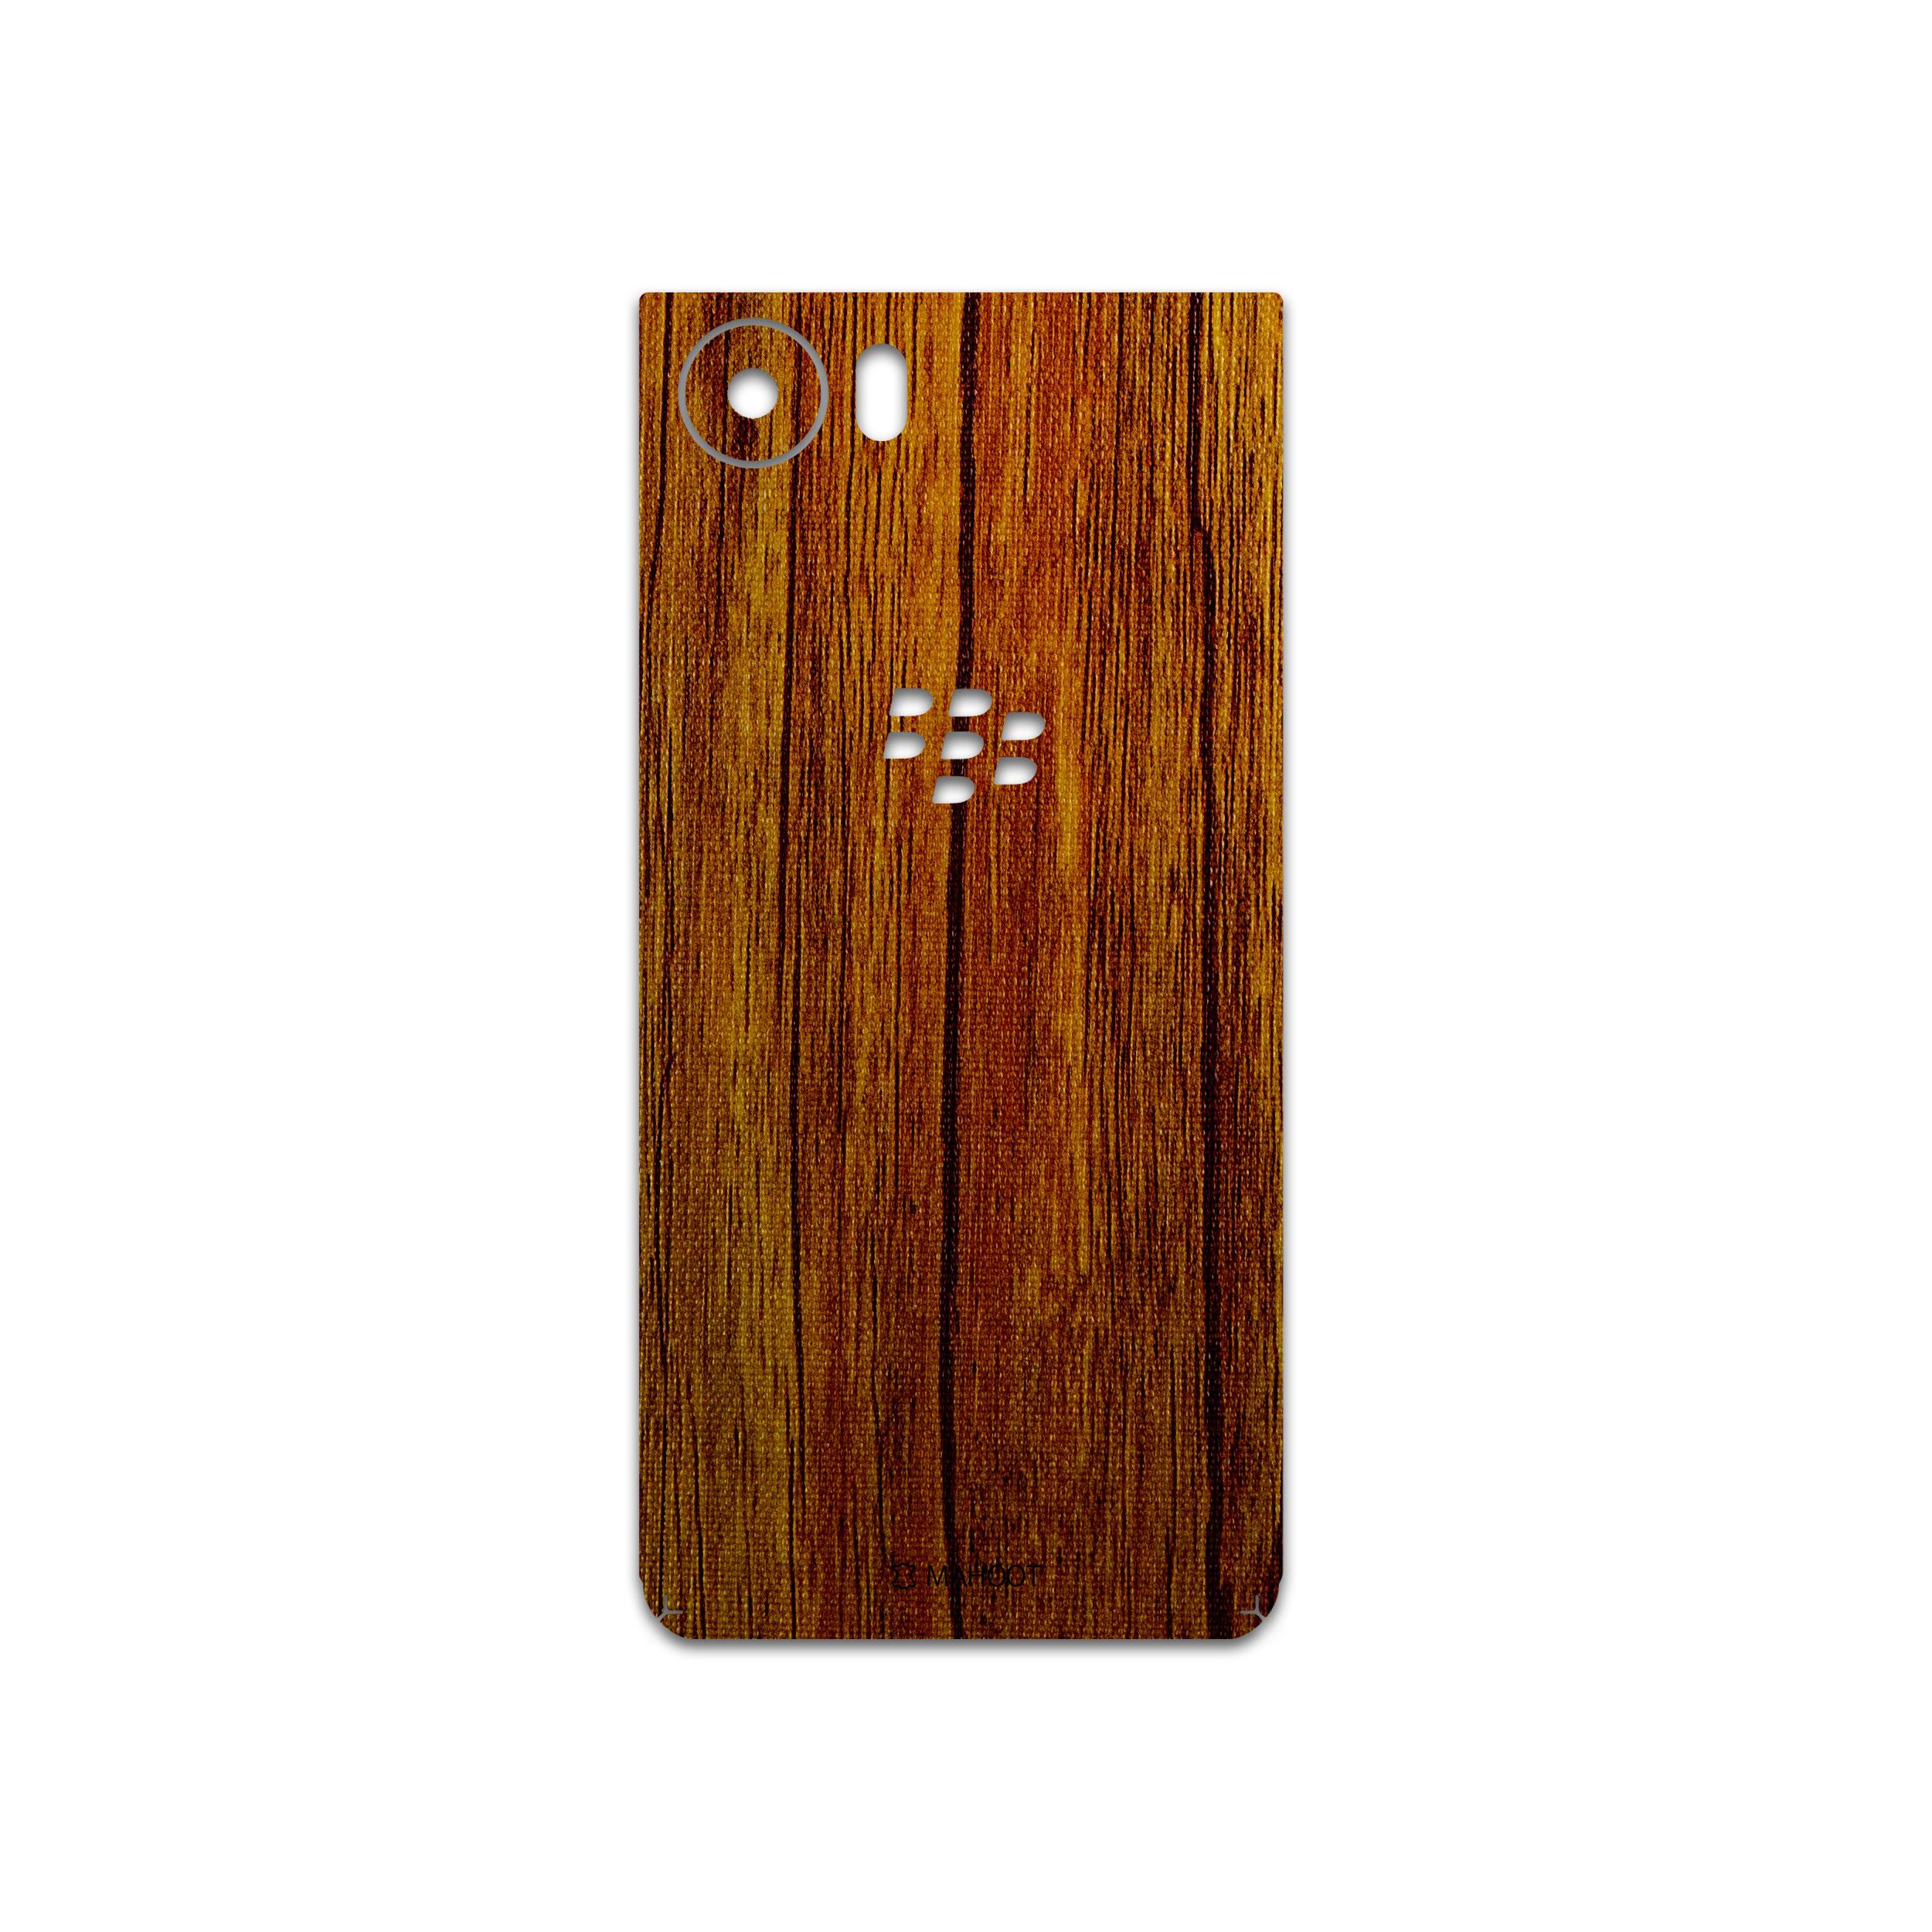 برچسب پوششی ماهوت مدل Orange-Wood مناسب برای گوشی موبایل بلک بری Keyone/DTEK70